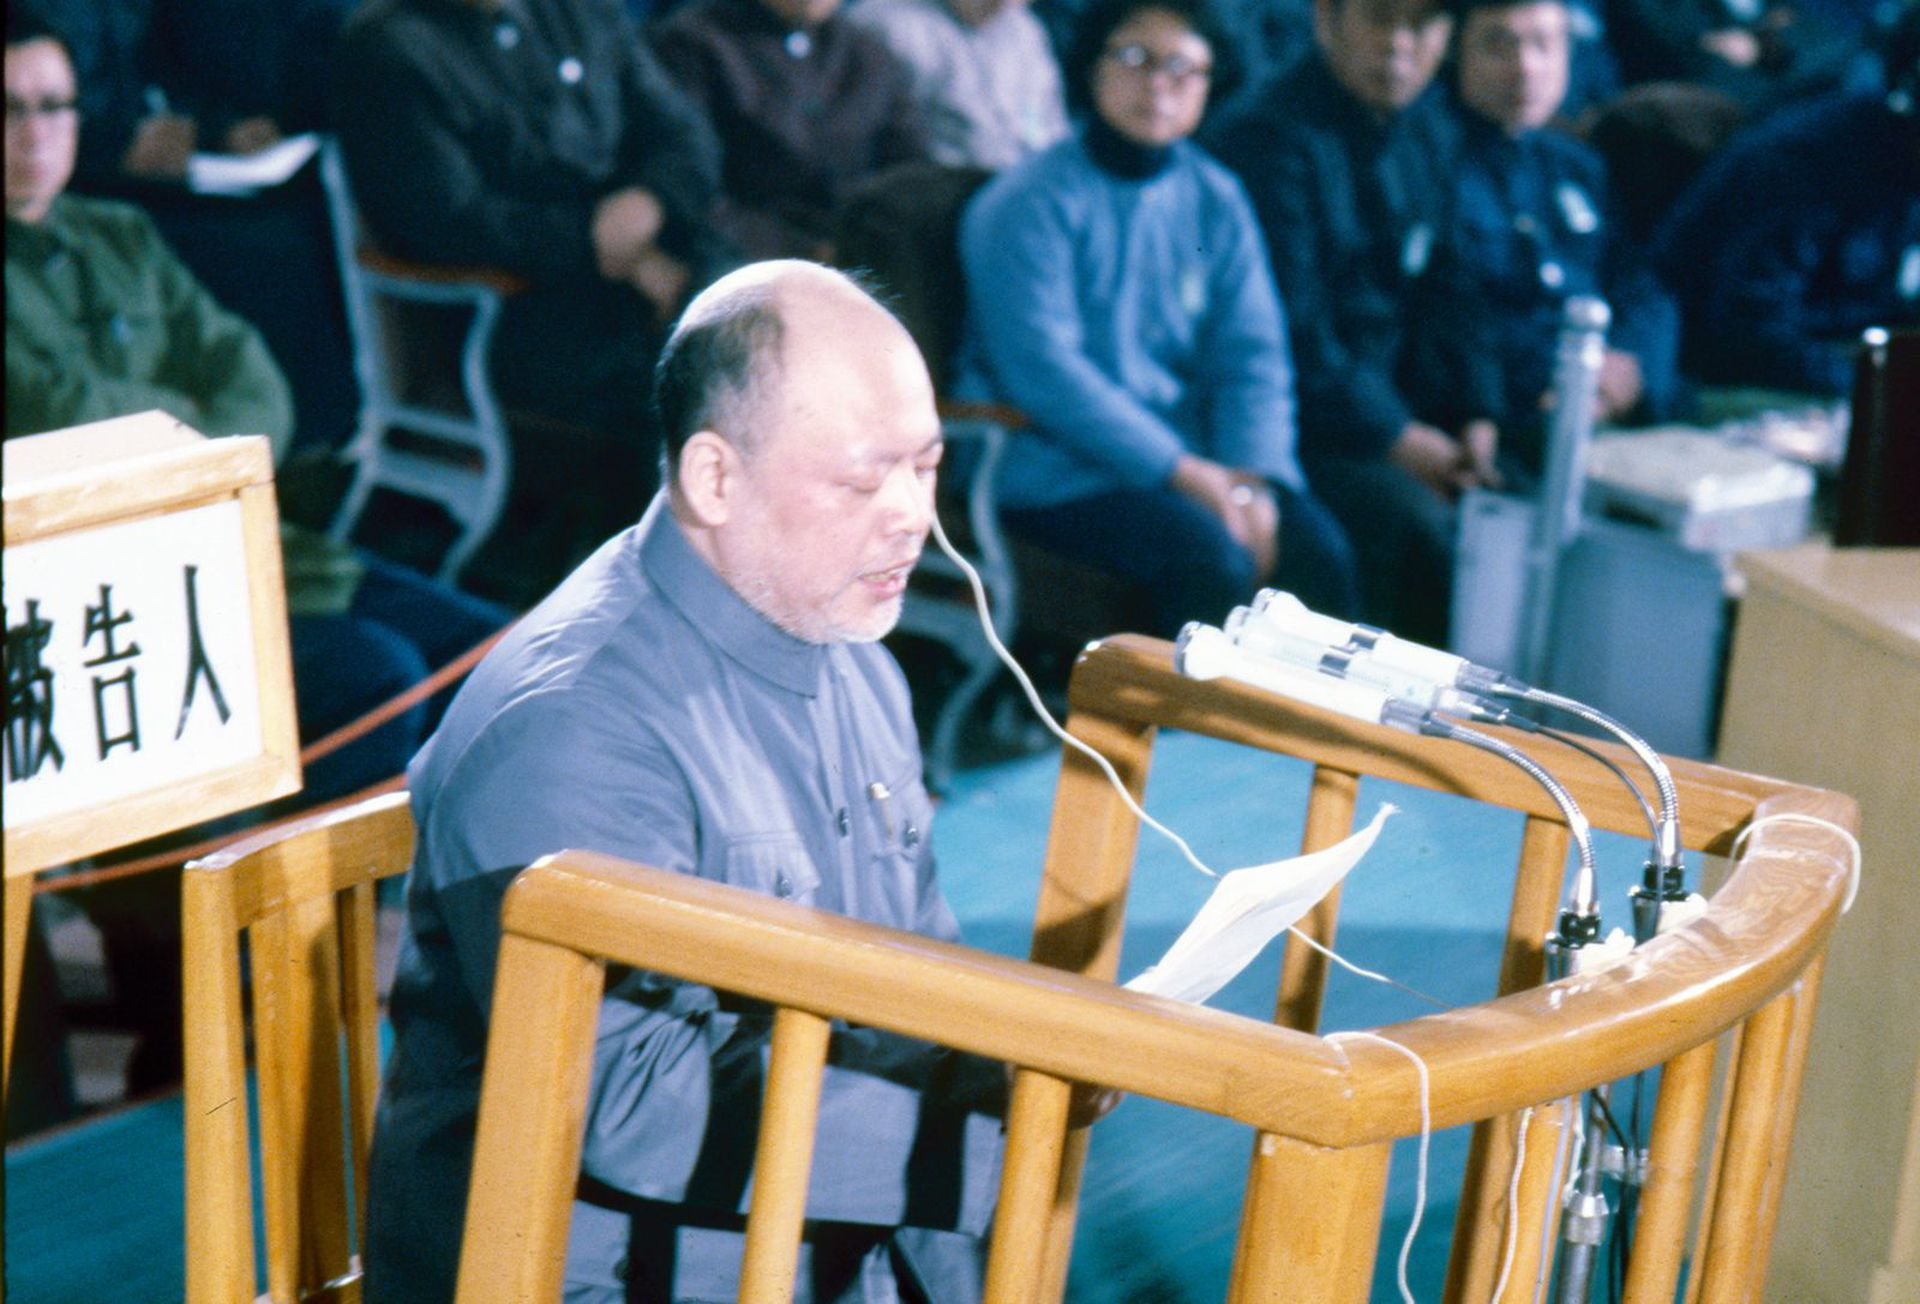 1980年11月28日至1981年1月25日,被审判的姚文元。(VCG)